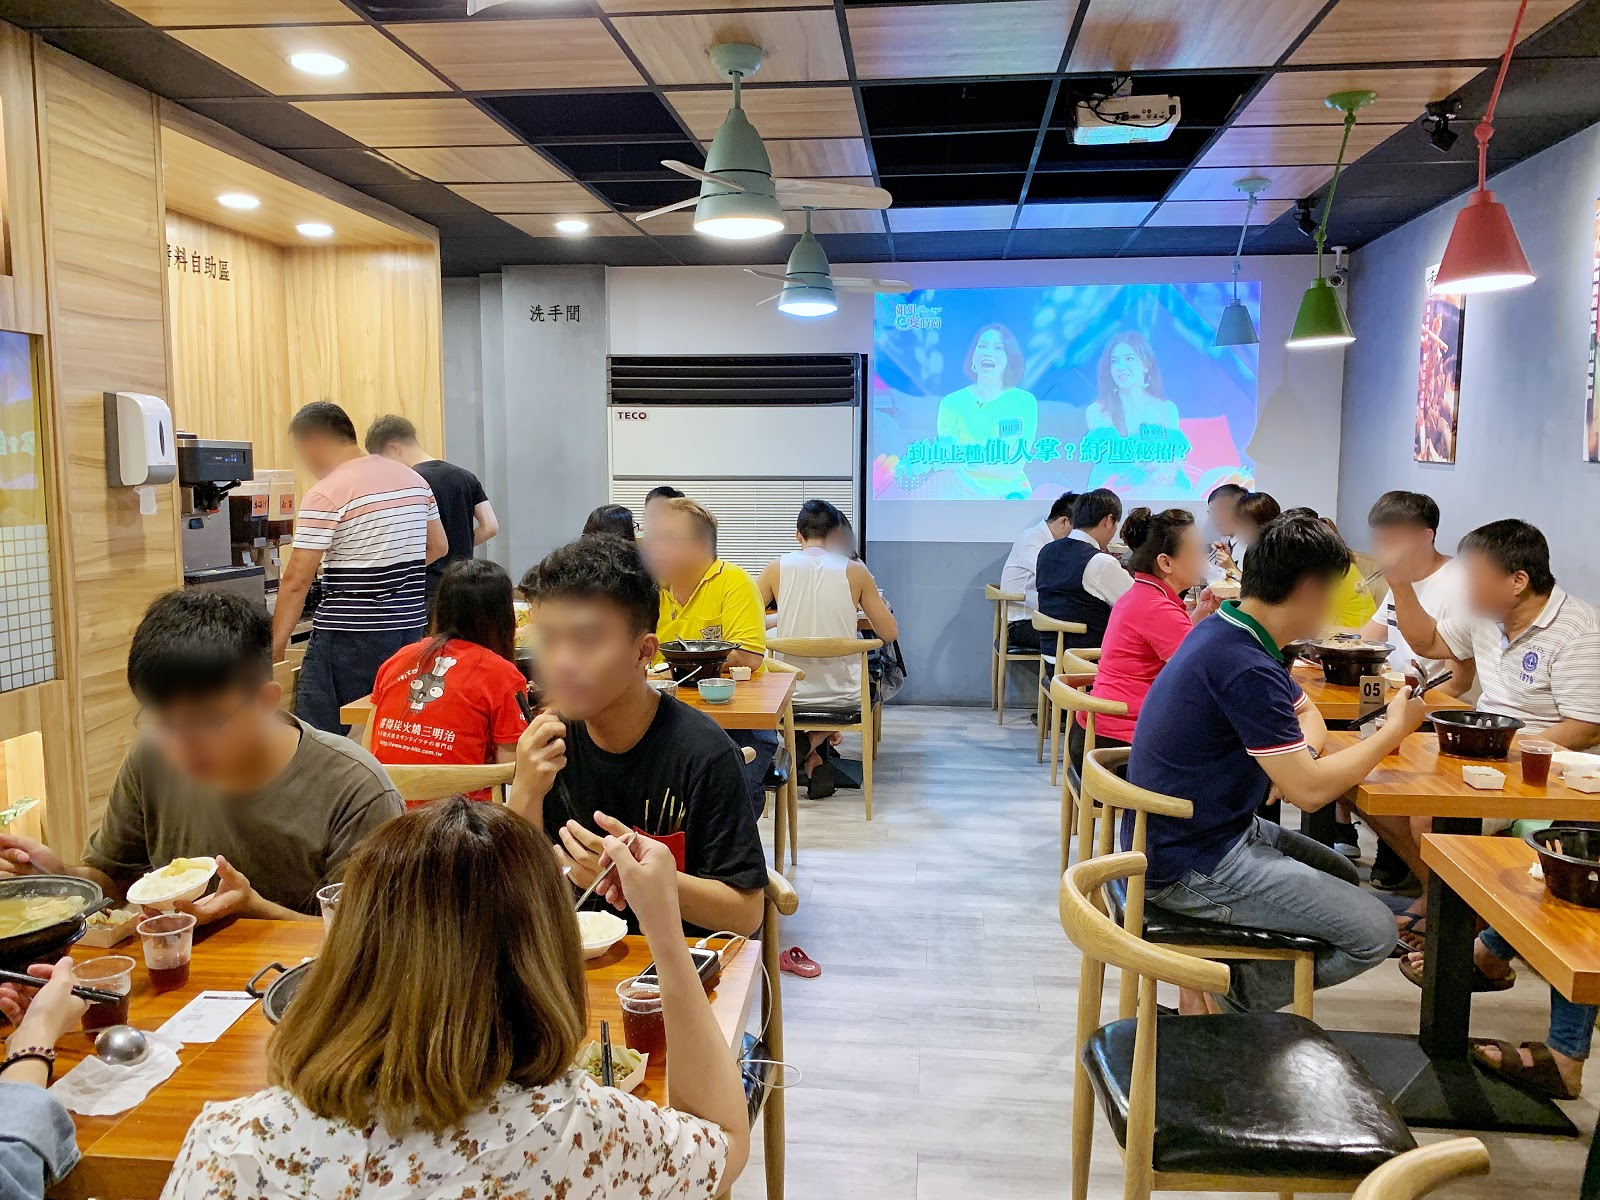 台南美食小石鍋店內環境